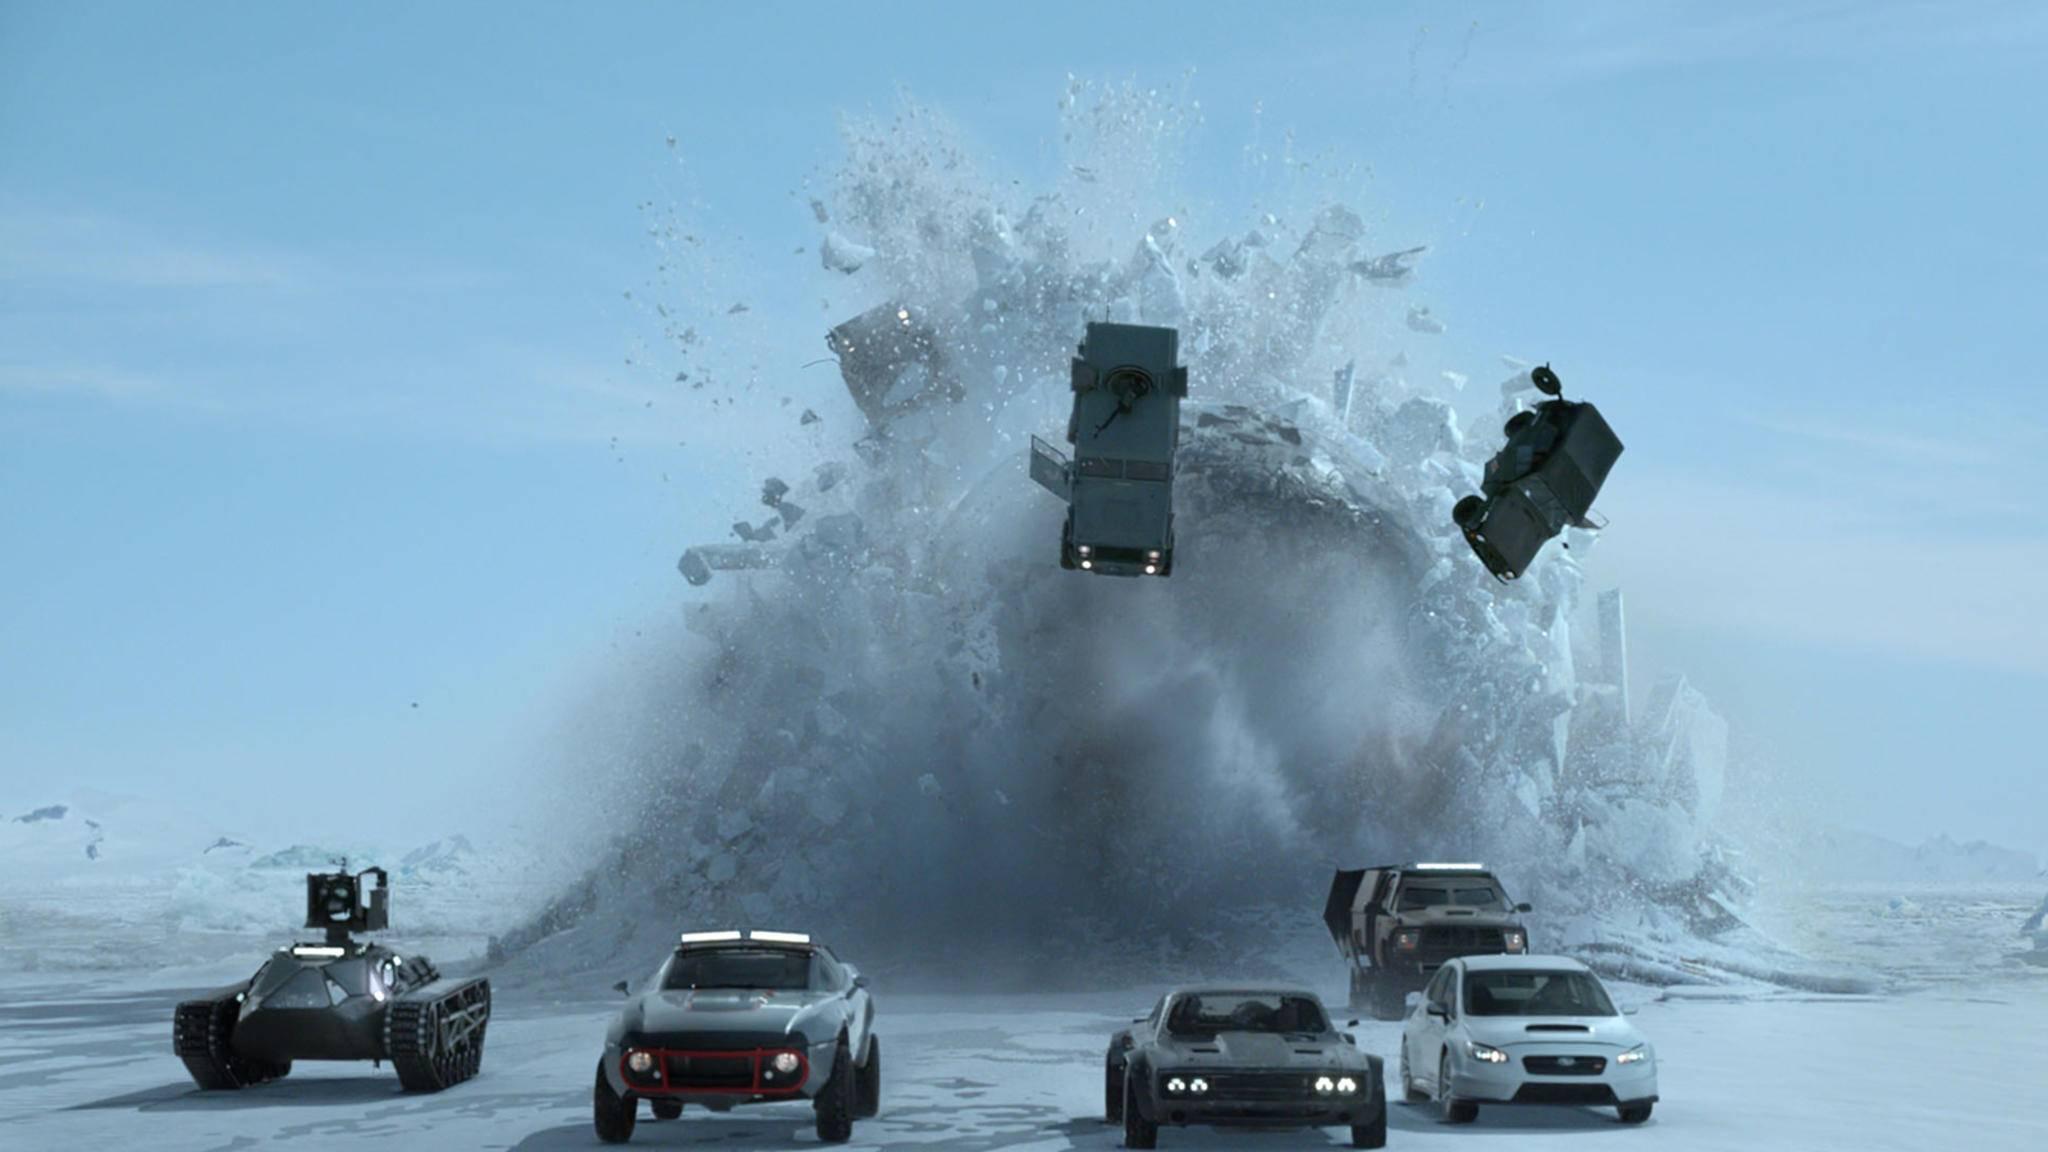 """Solche Actionszenen wird Helen Mirren in """"Fast and Furious 8"""" wohl eher ihrem Filmsohn Jason Statham überlassen."""